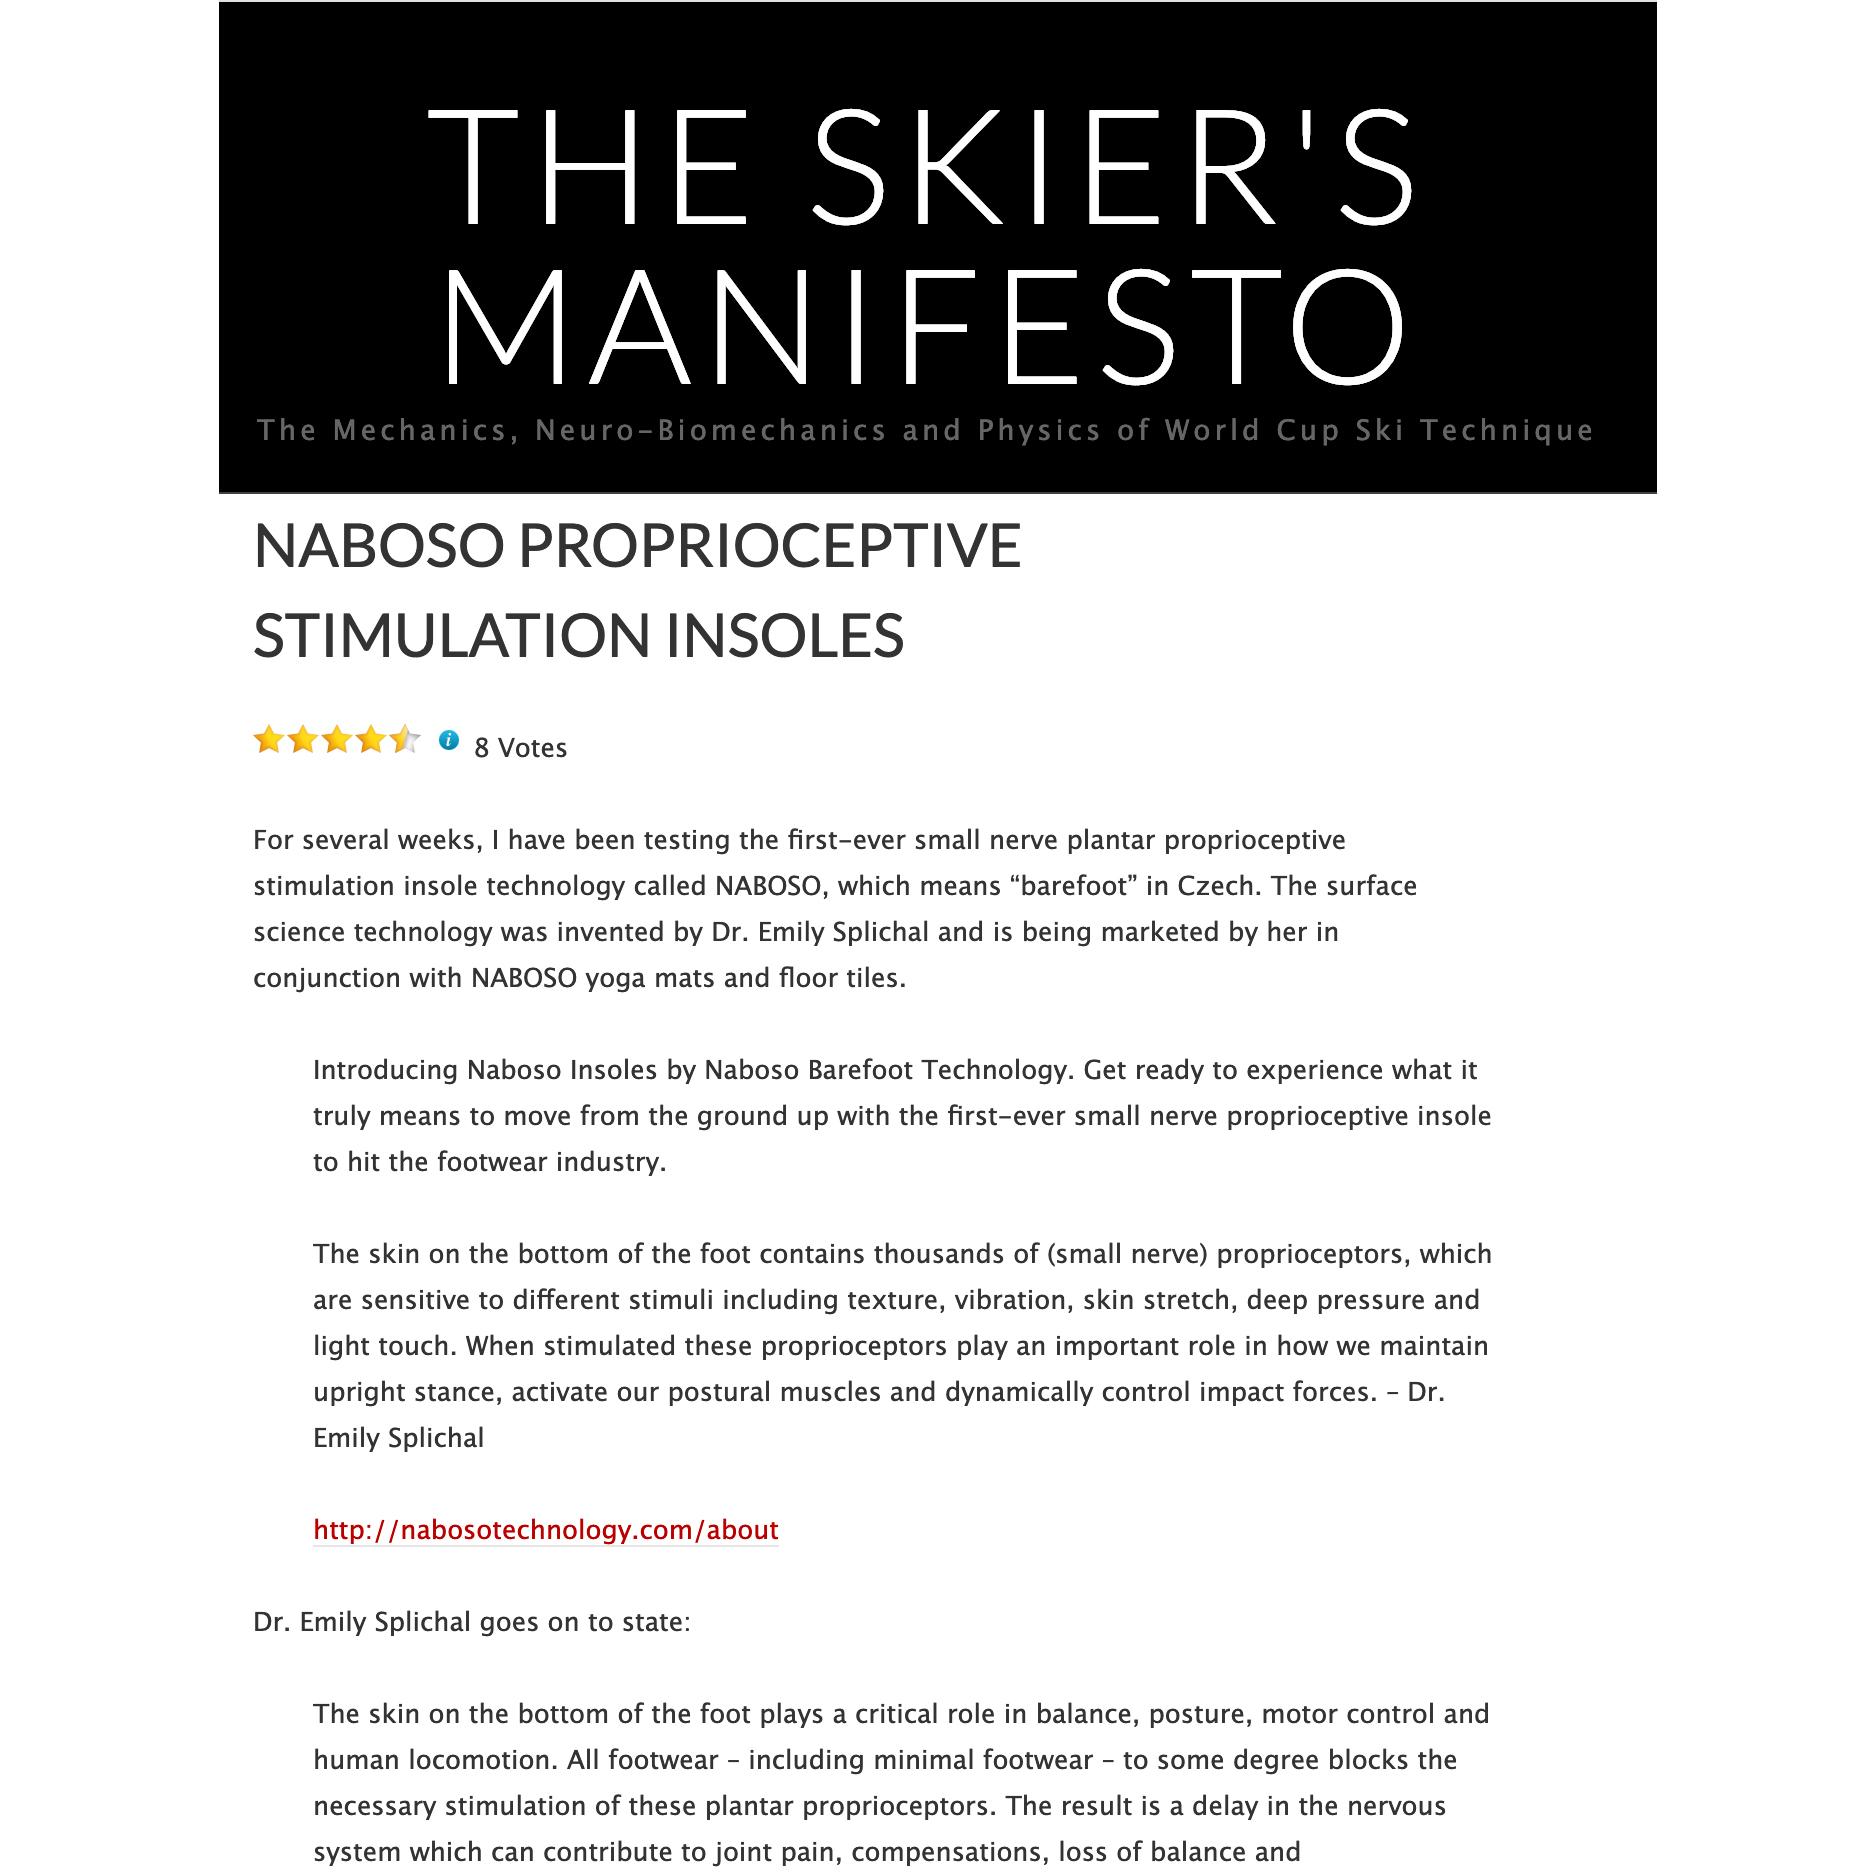 The Skier's Manifesto.jpg